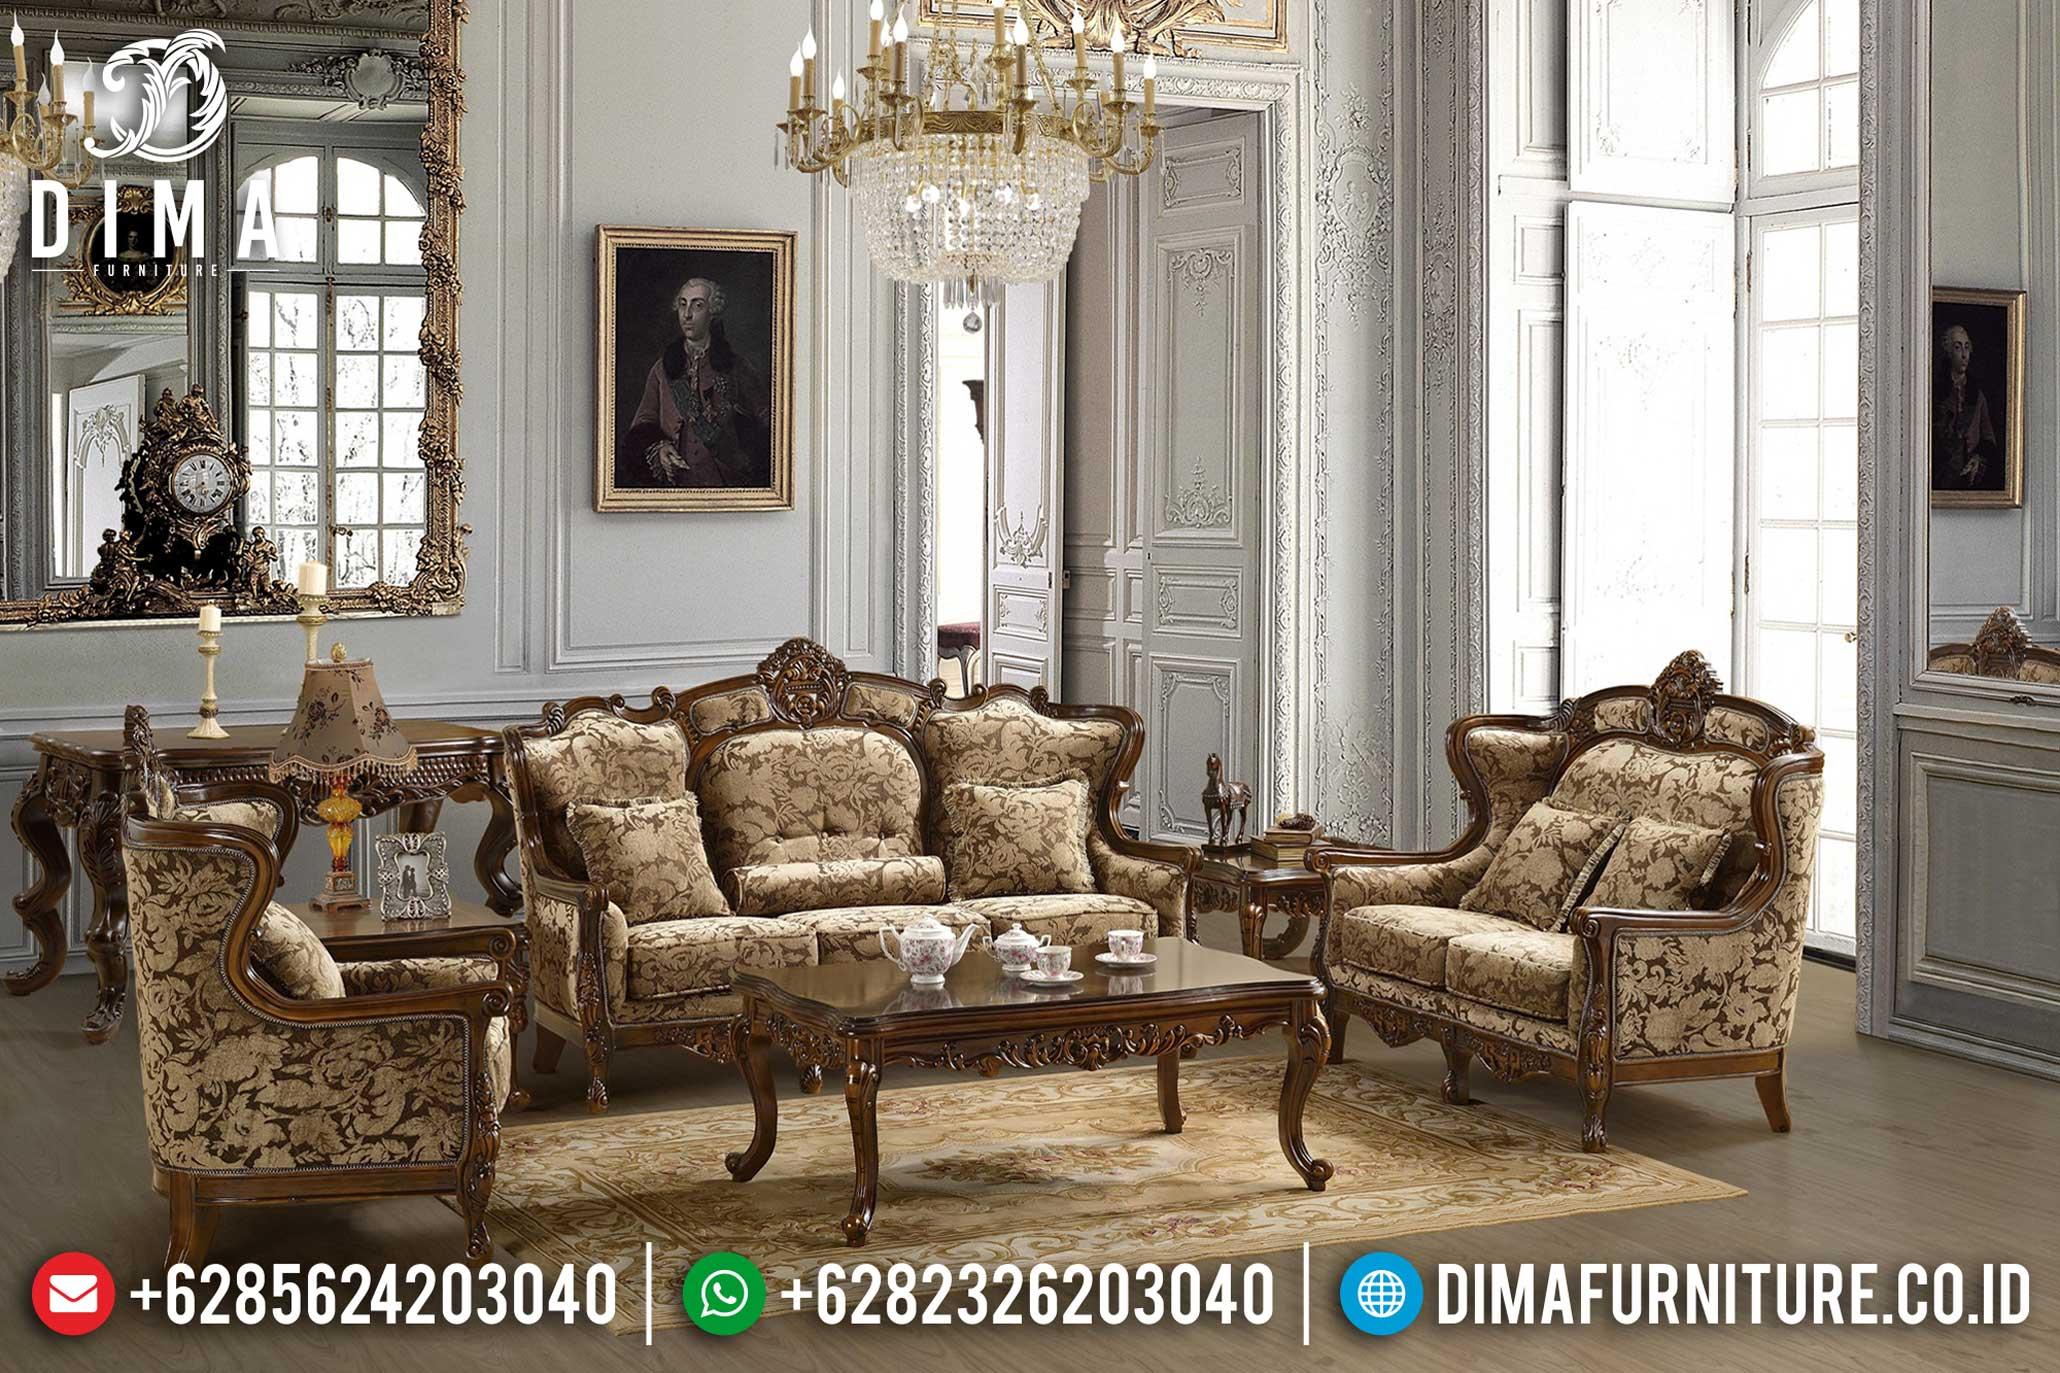 Sofa Tamu Jepara Mewah Minimalis Terbaru 16 Dima Furniture Jepara